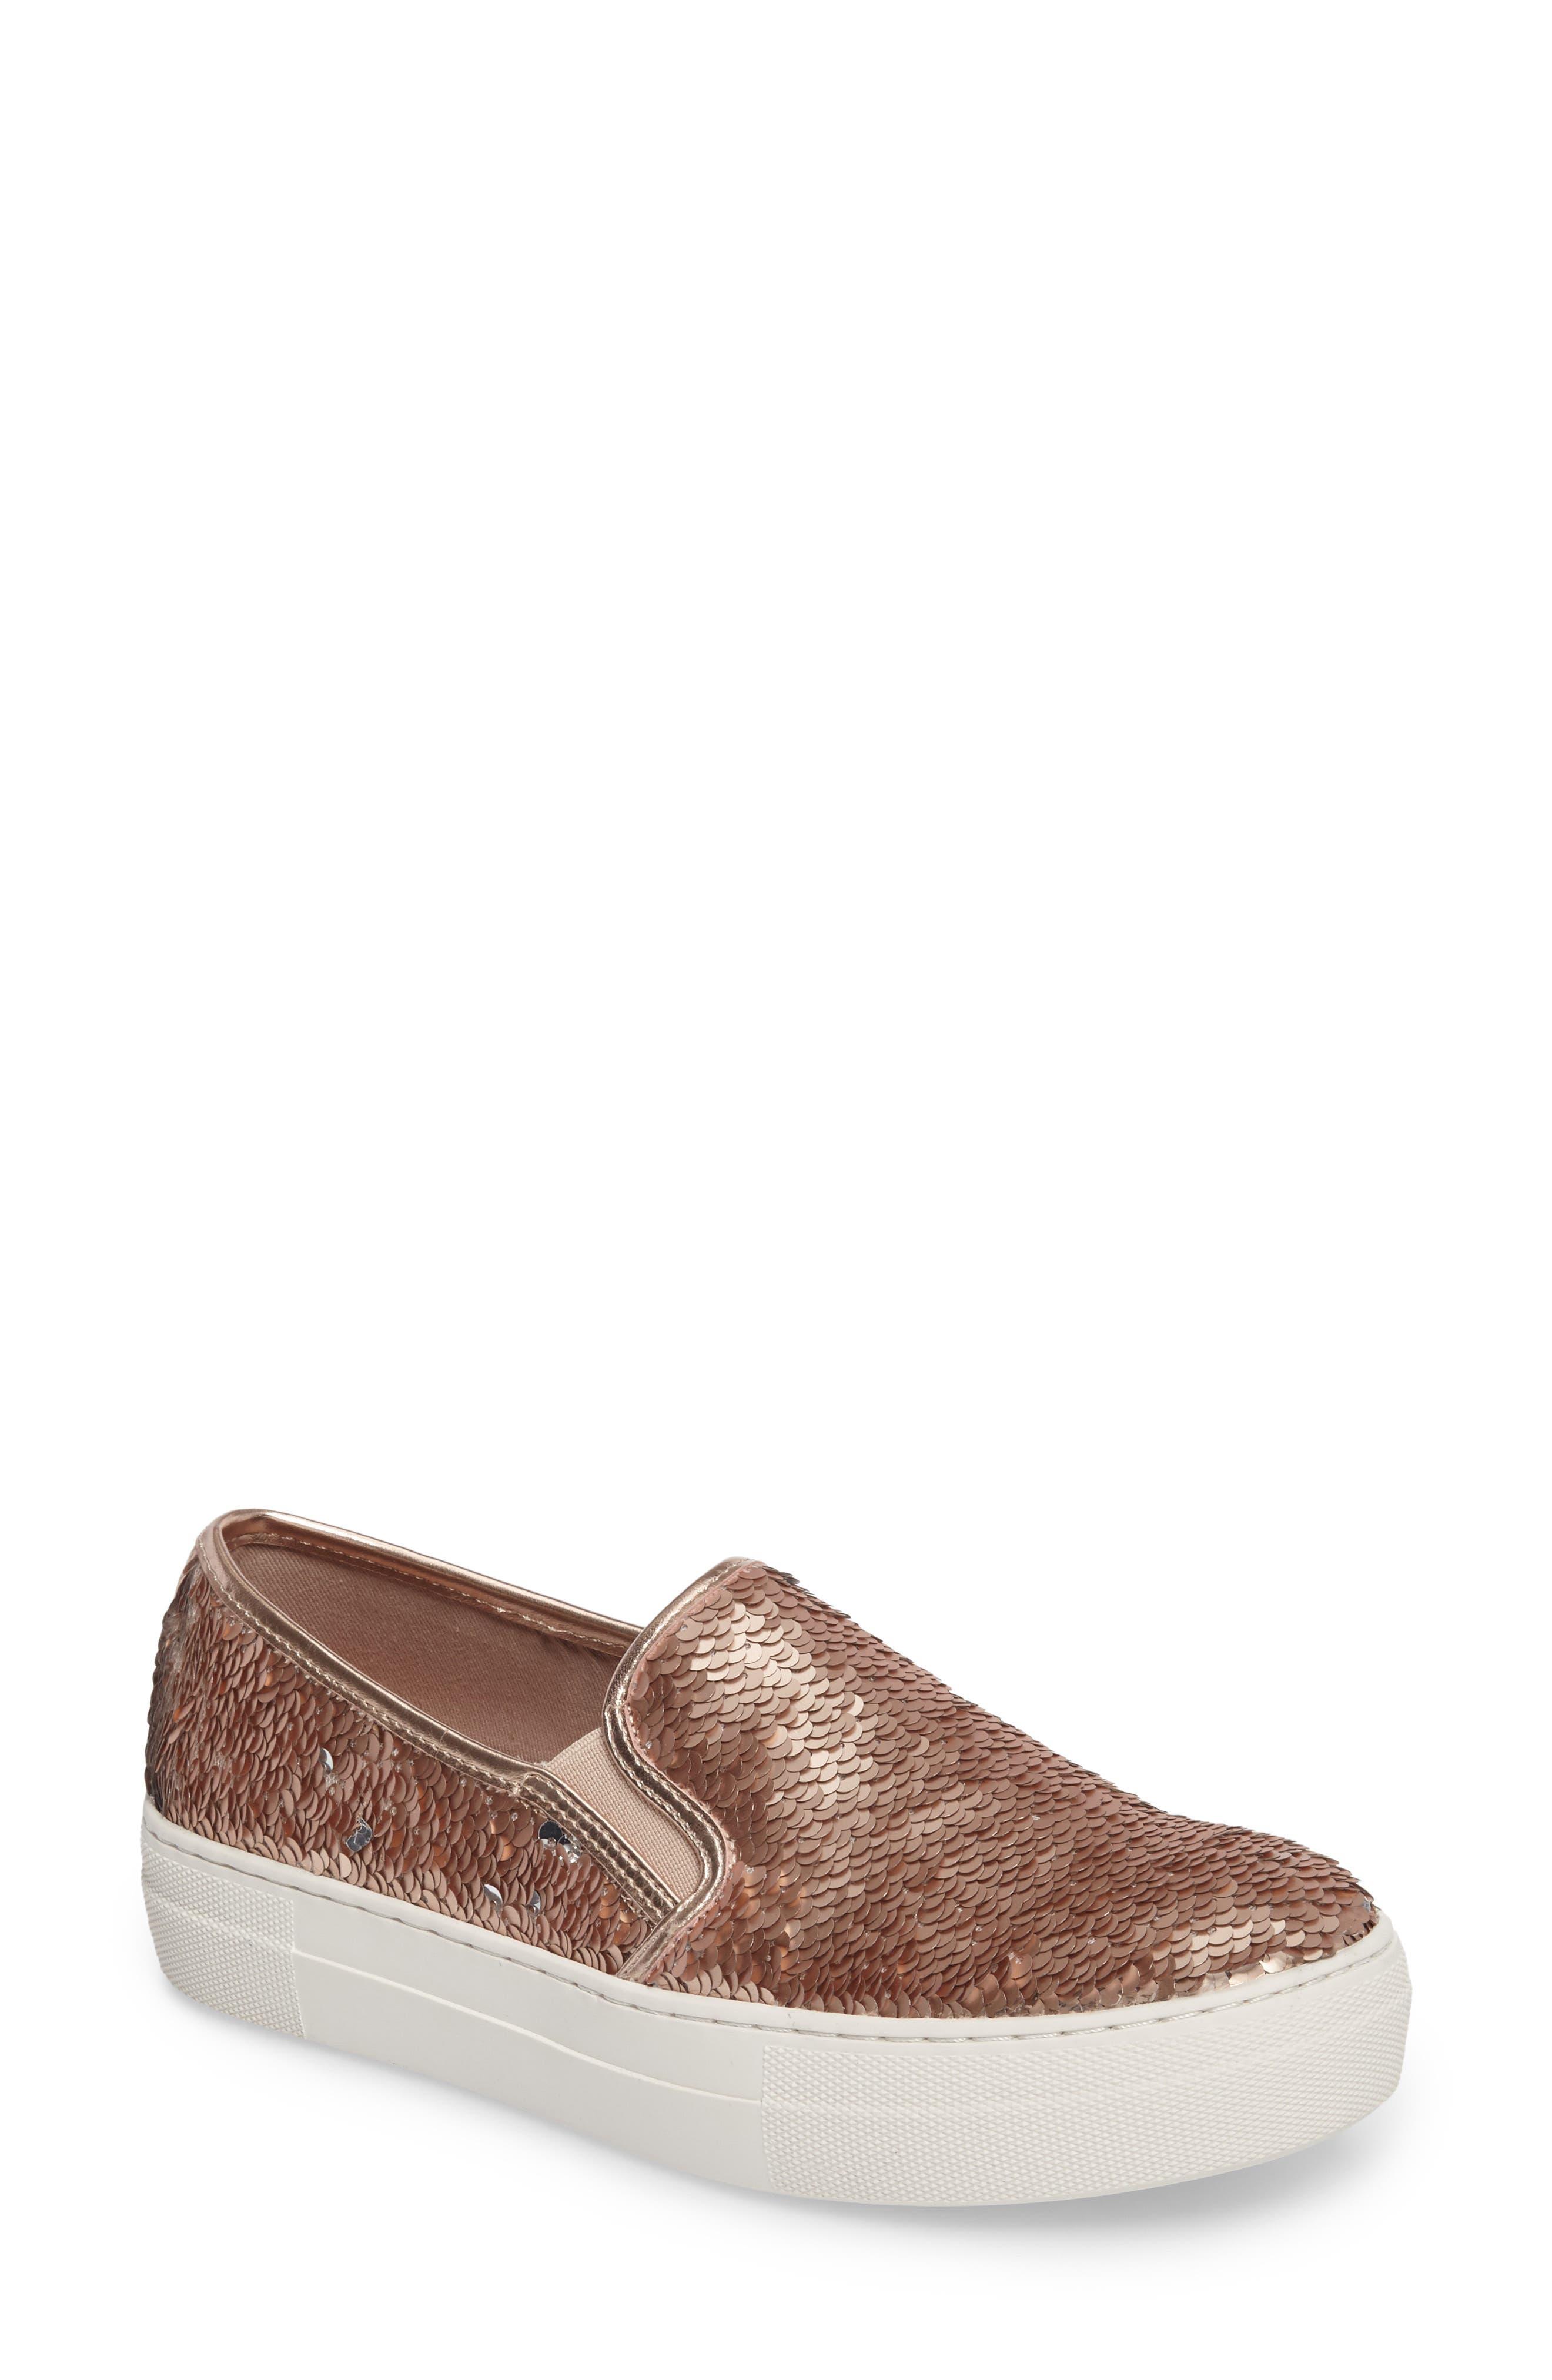 Steve Madden Gills Sequined Slip-On Platform Sneaker (Women)